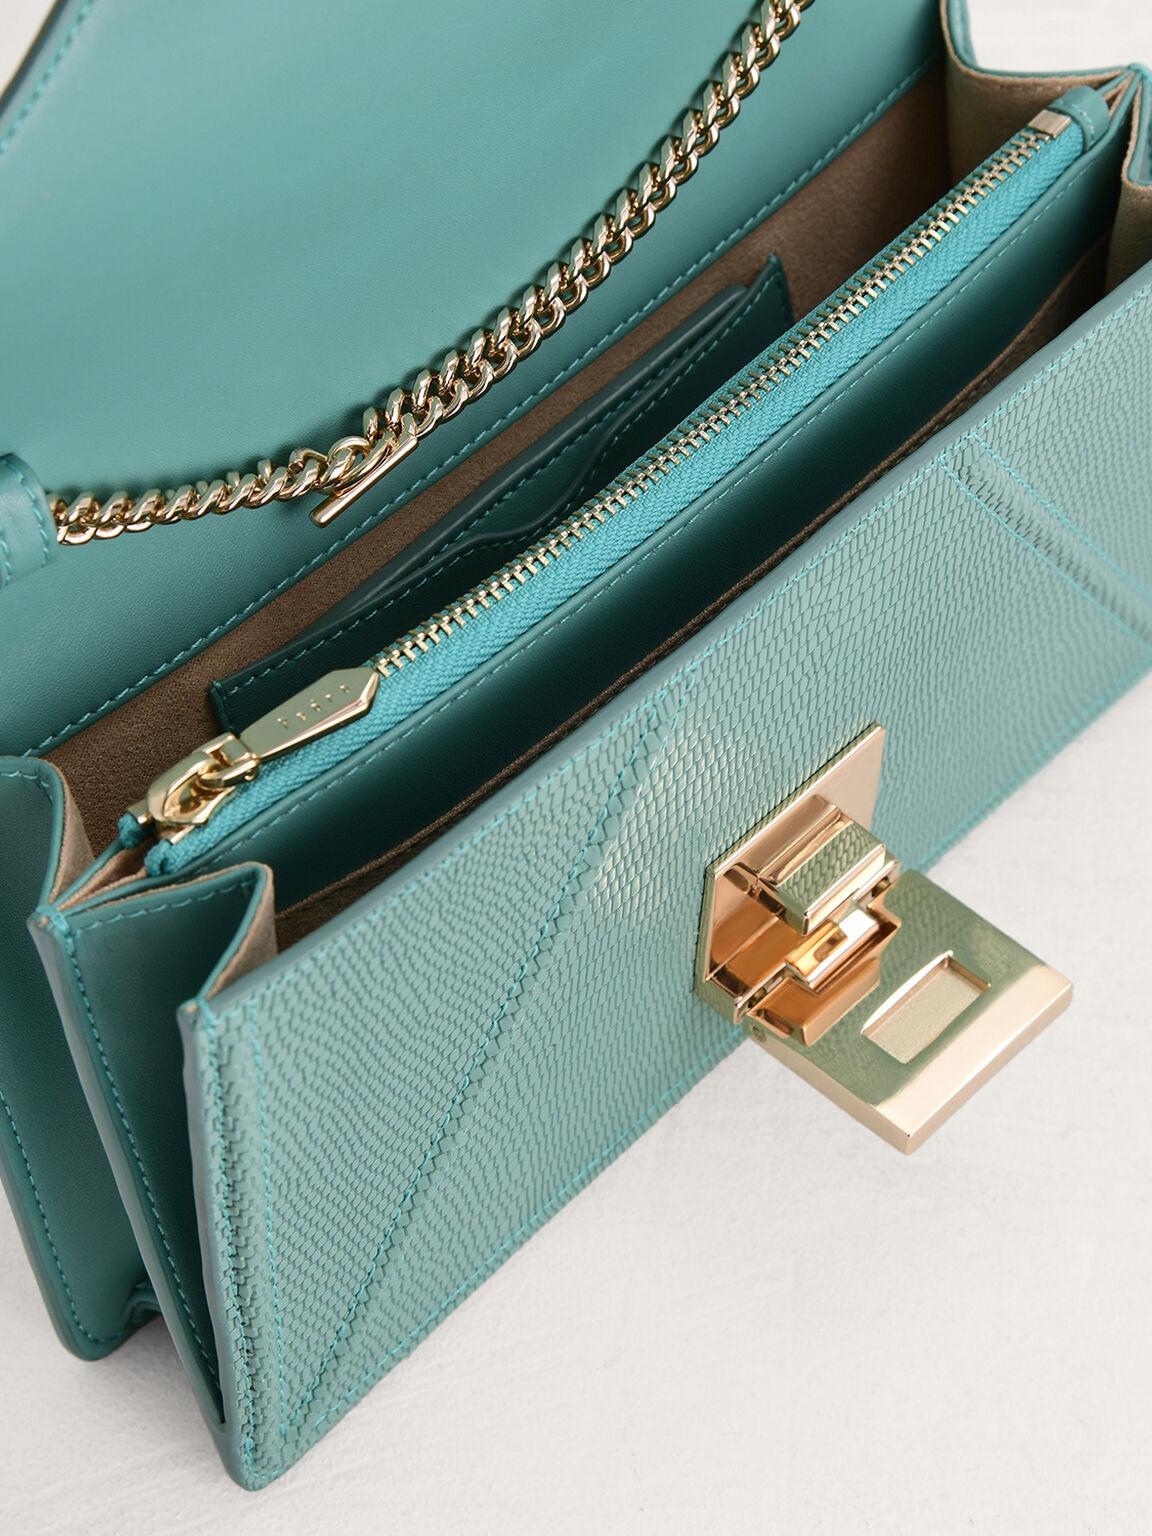 Lizard-Effect Leather Shoulder Bag, Turquoise, hi-res